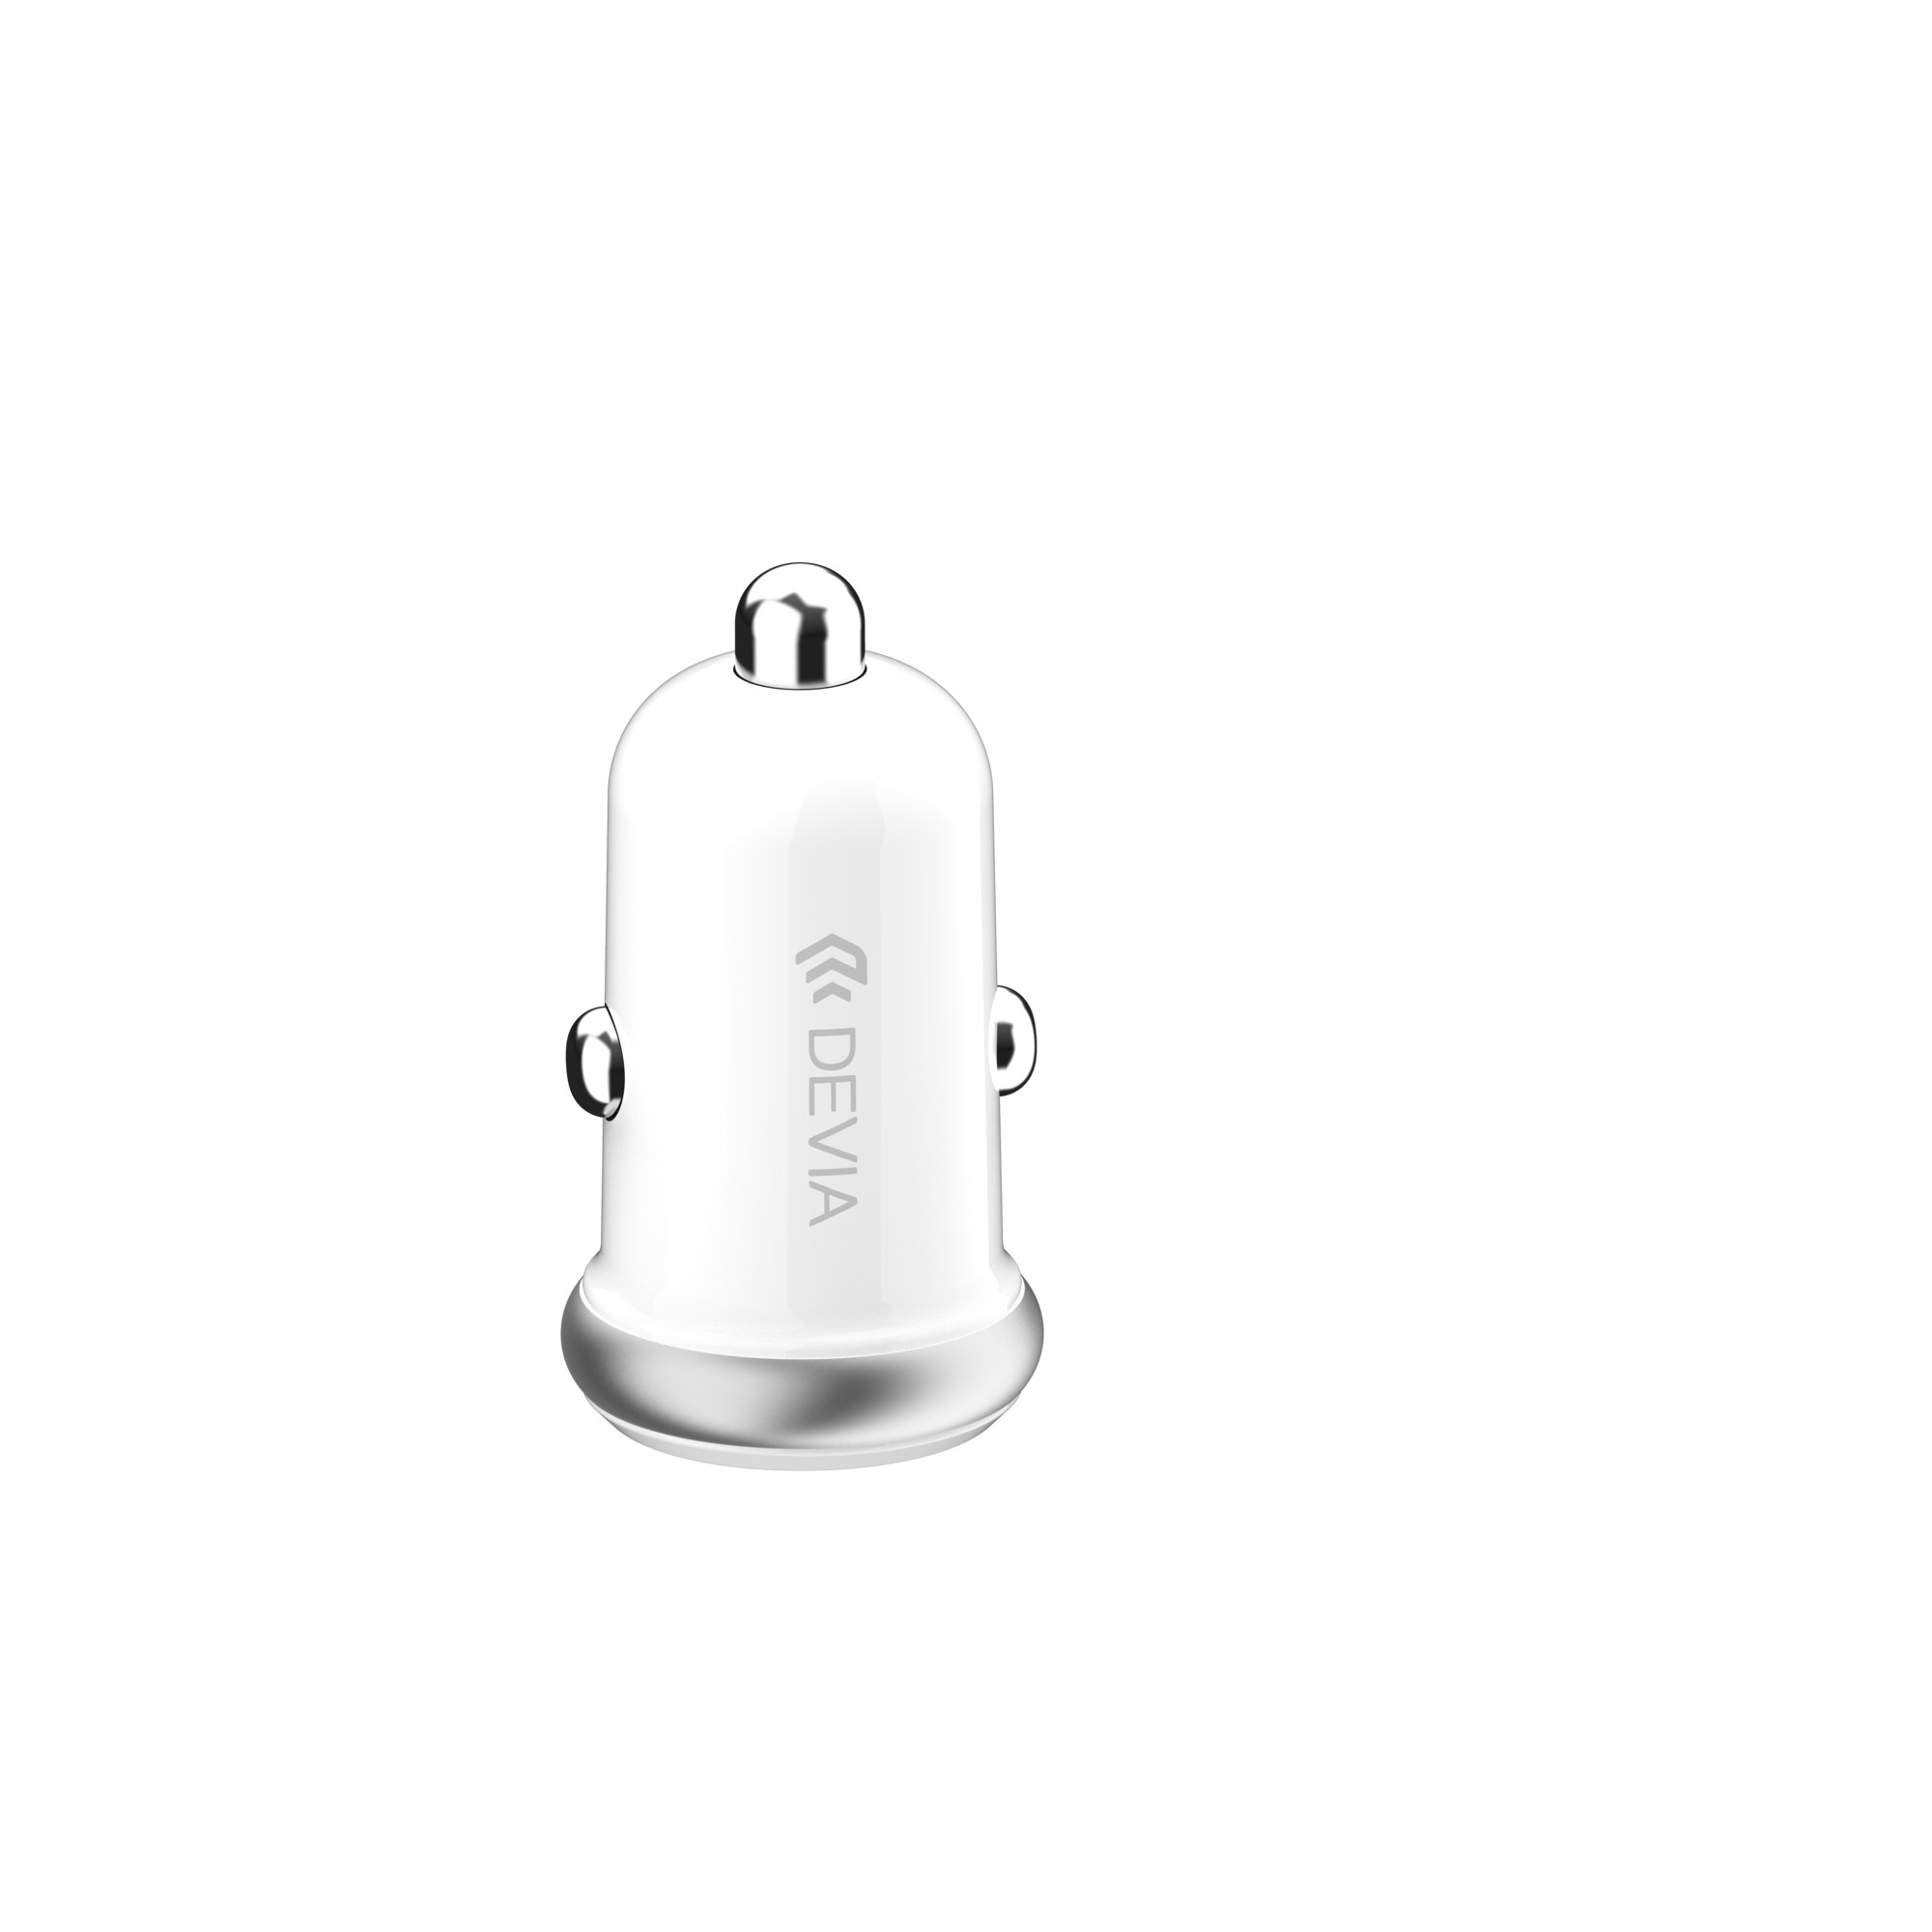 Sạc trên xe hơi Devia Smart mini 2 cổng USB - Hàng Chính Hãng